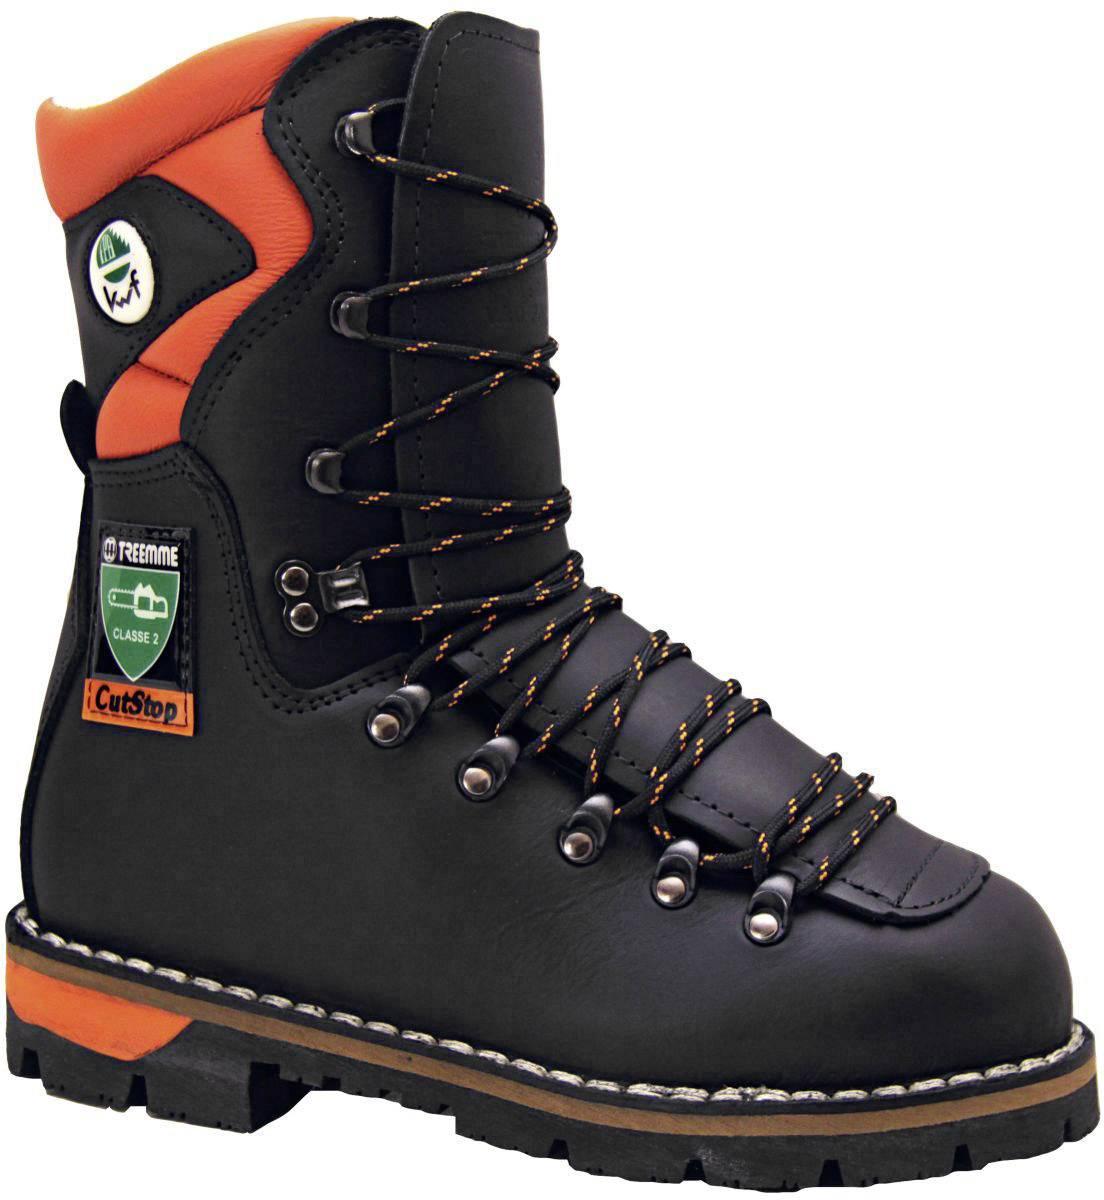 Bezpečnostná obuv s ochranou proti porezaniu S3 Treemme 2435, veľ.: 44, čierna, 1 pár